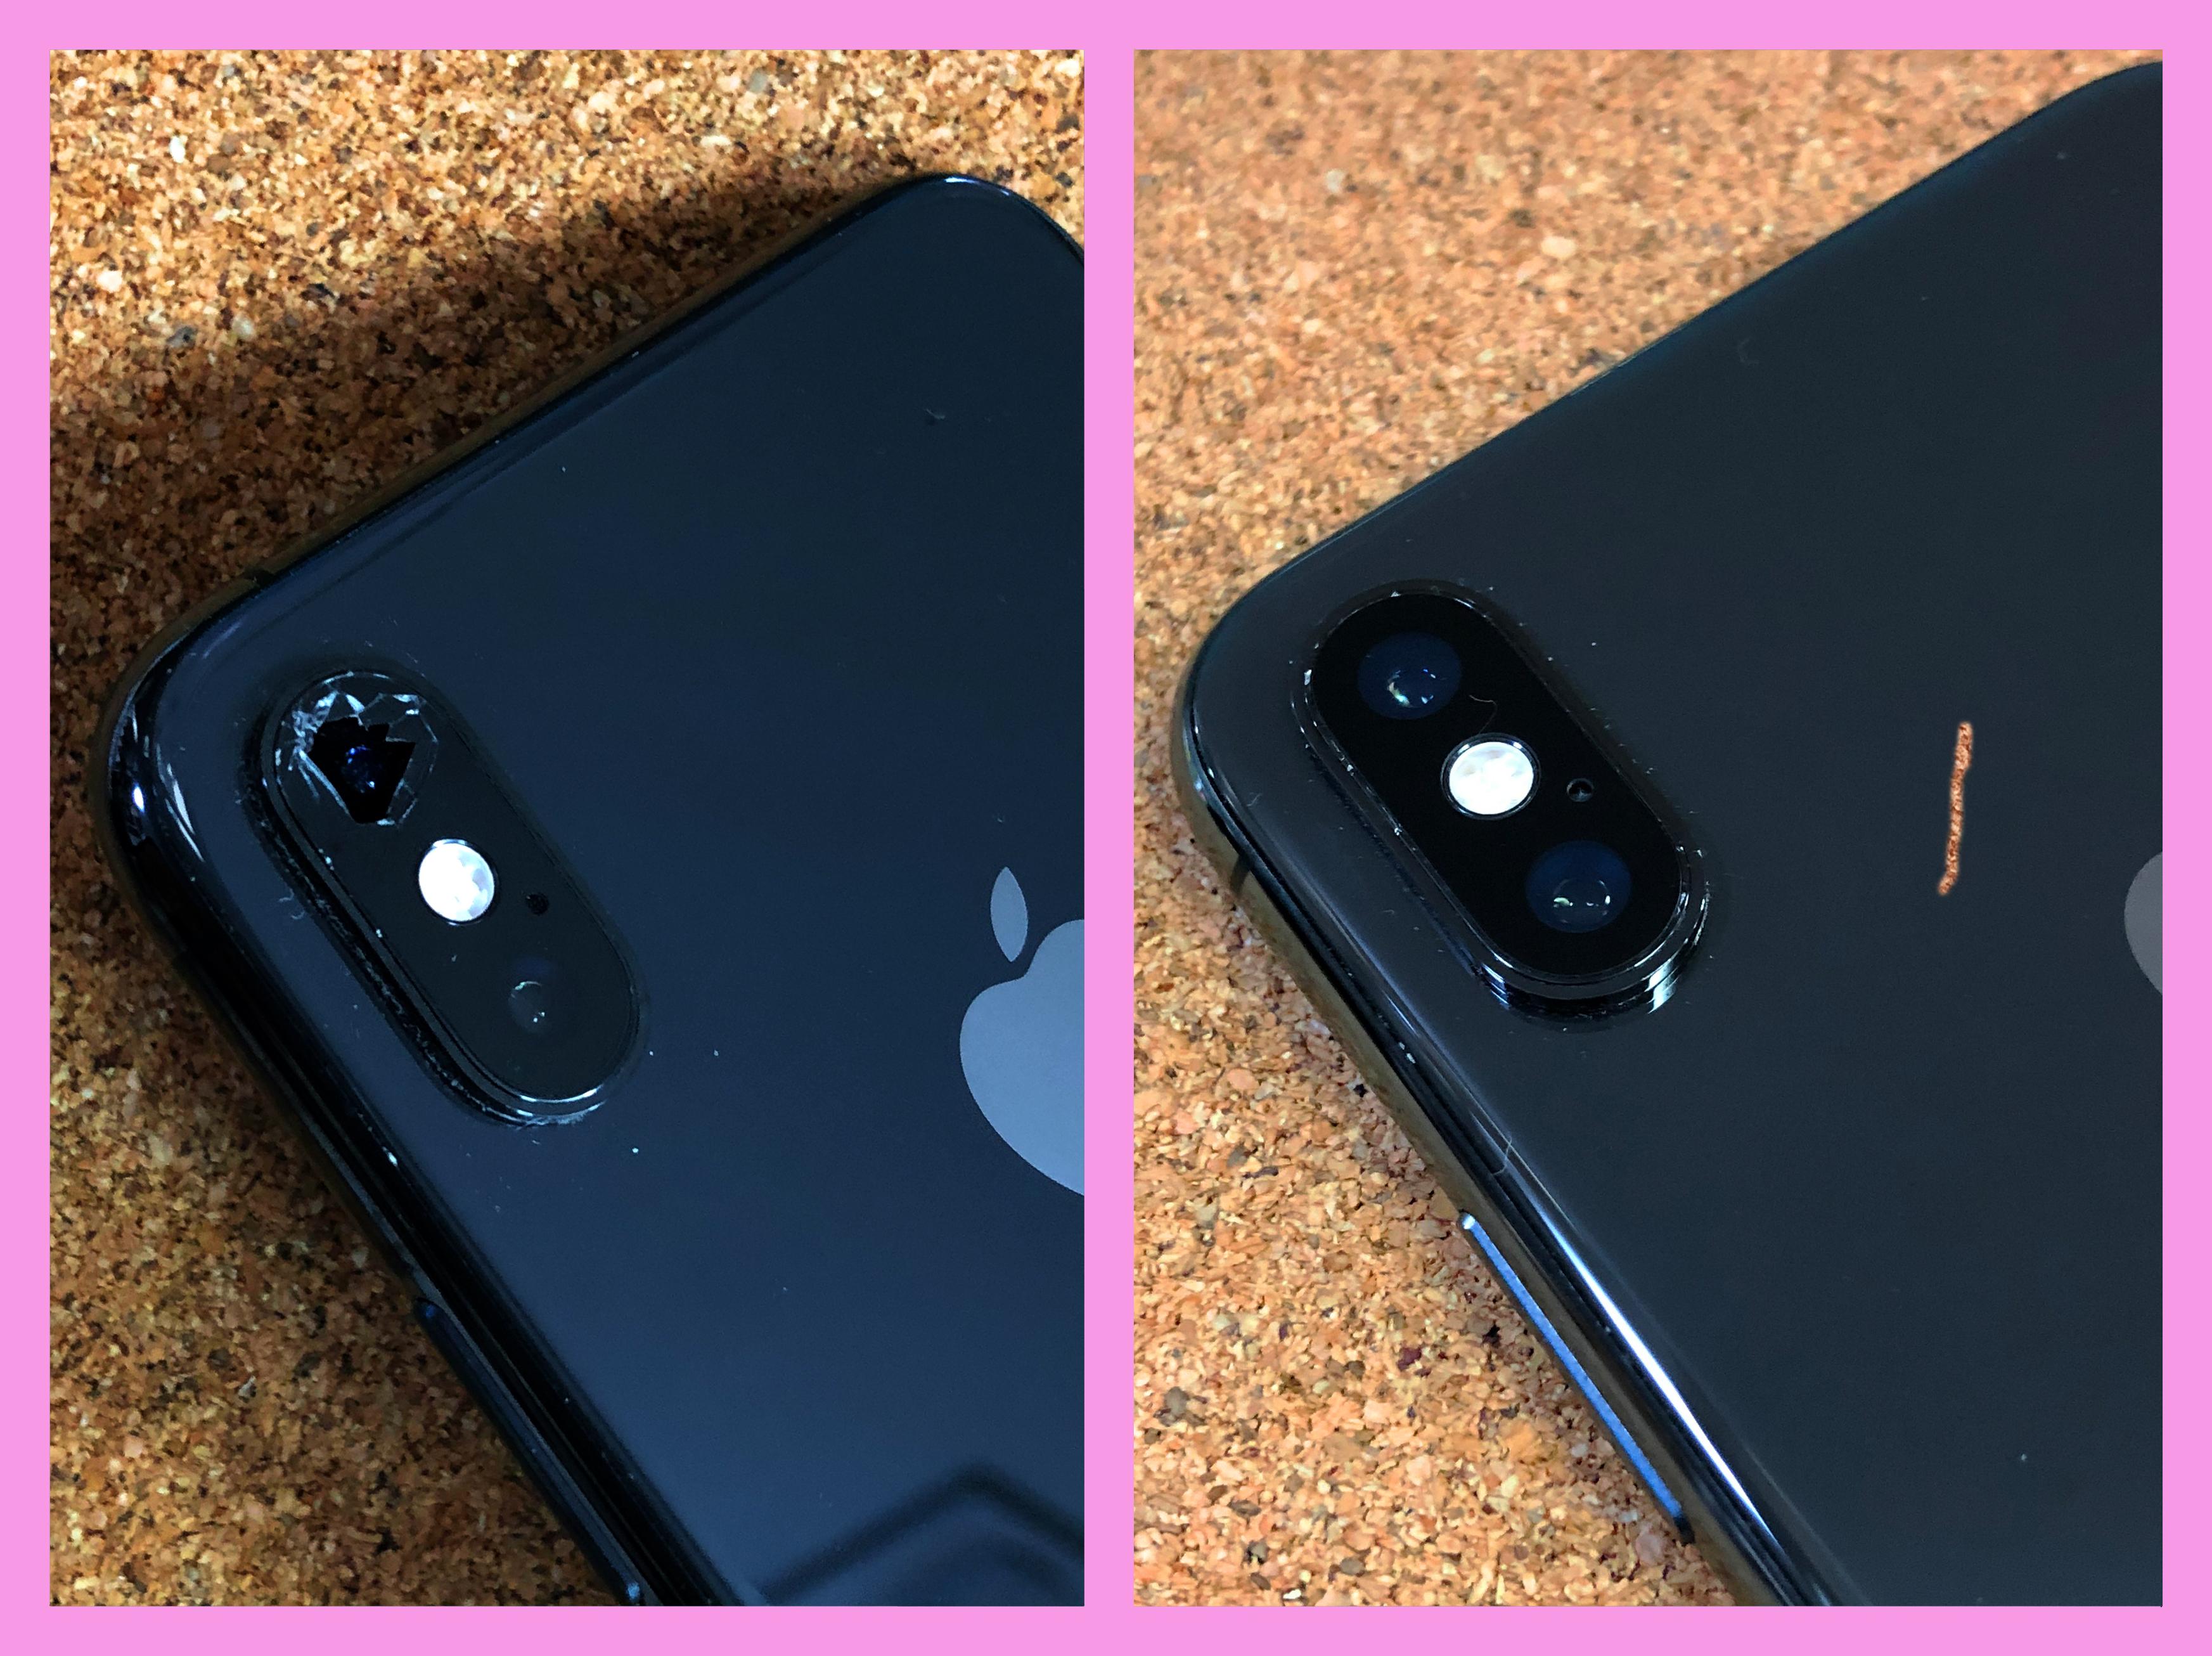 【iPhoneXS レンズ割れ 山梨県 甲府市】iphoneXS カメラレンズ破損 割れ甲府市よりお越しのお客様です